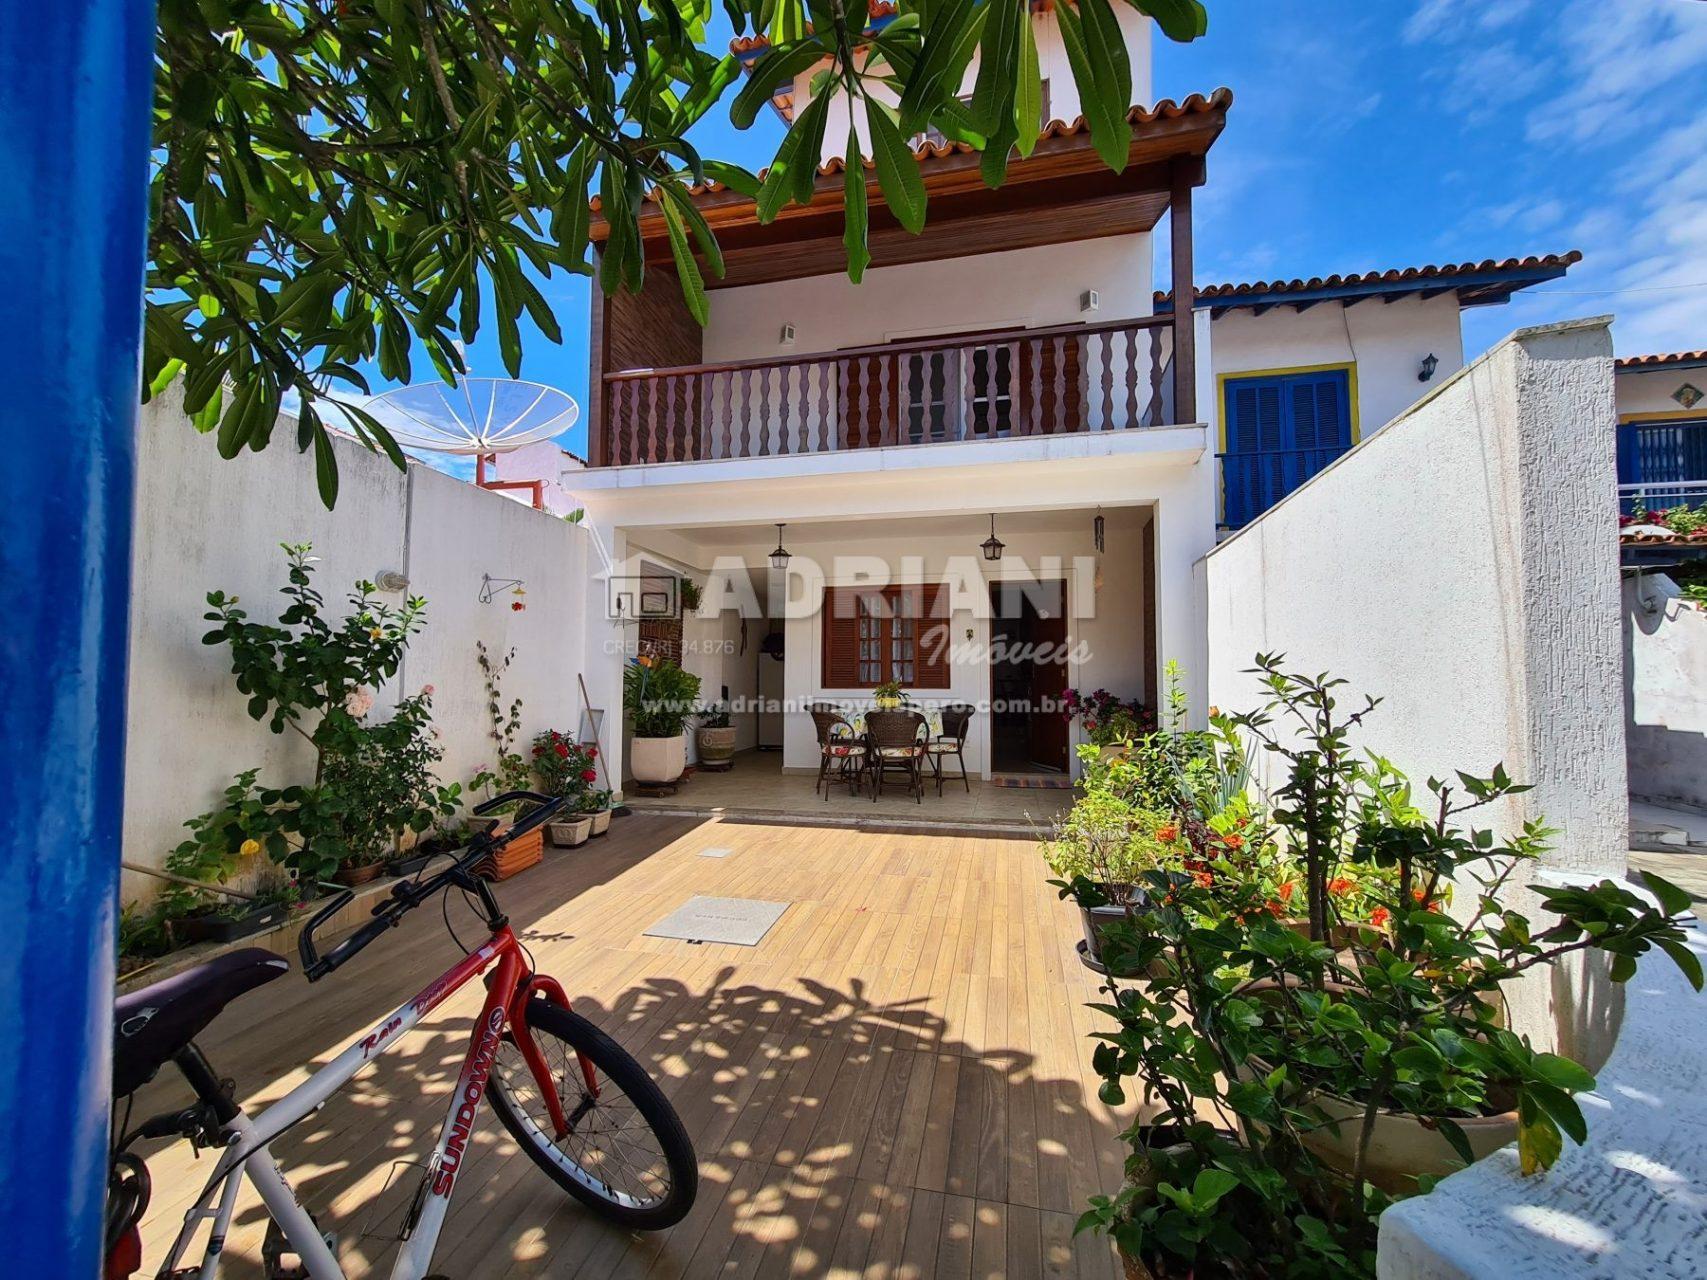 Cód 214 Casa com 2 quartos,2 suítes, independente,  Peró, Cabo Frio – RJ